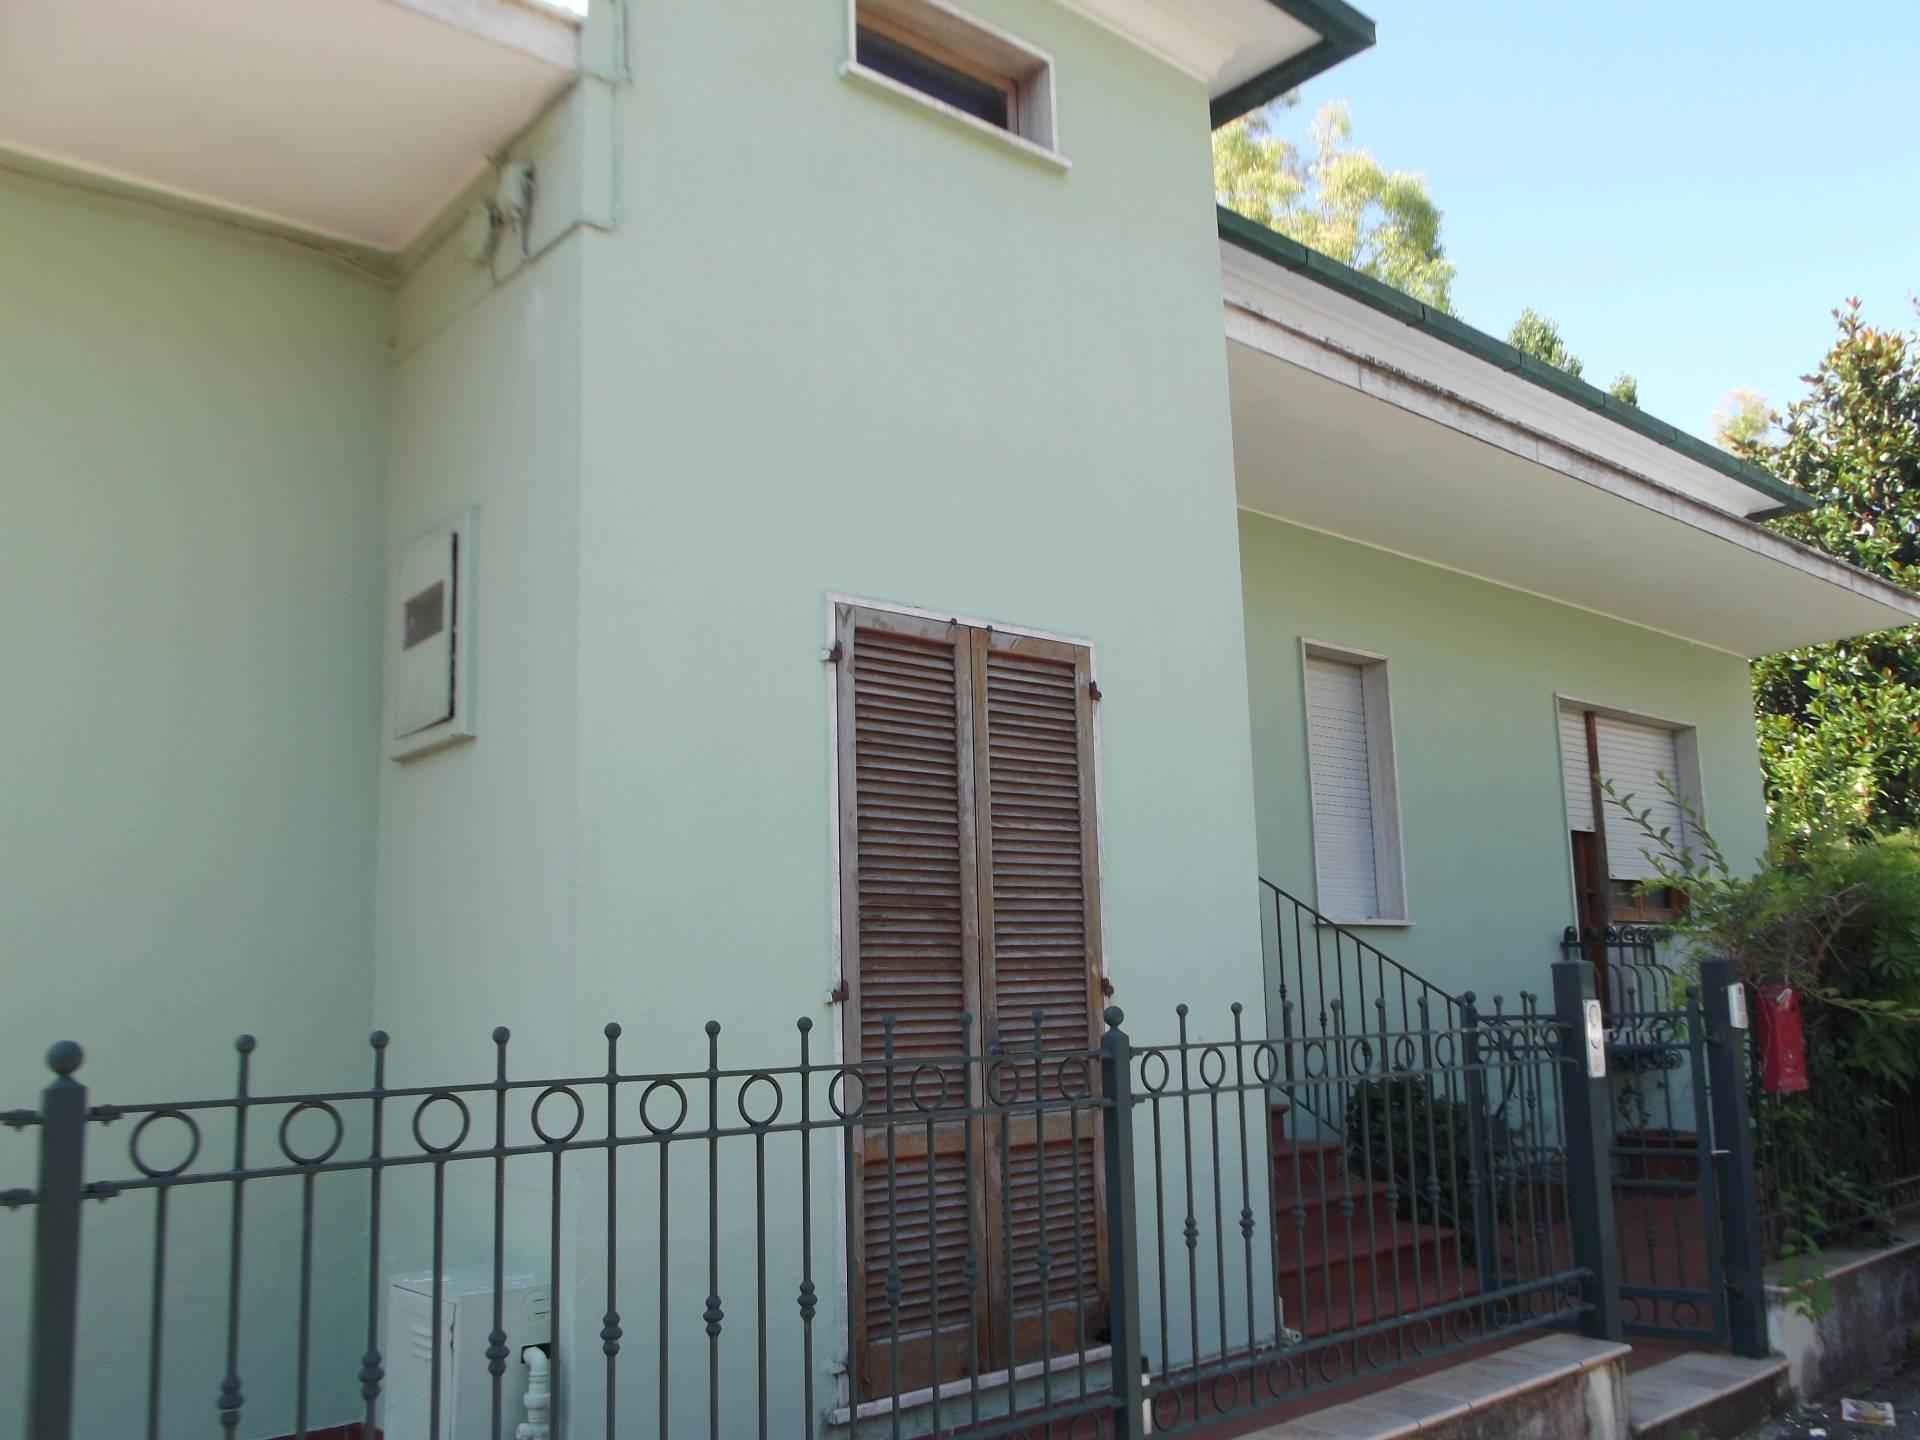 Villa in vendita a Tortoreto, 4 locali, zona Località: TortoretoLido, prezzo € 260.000 | Cambio Casa.it